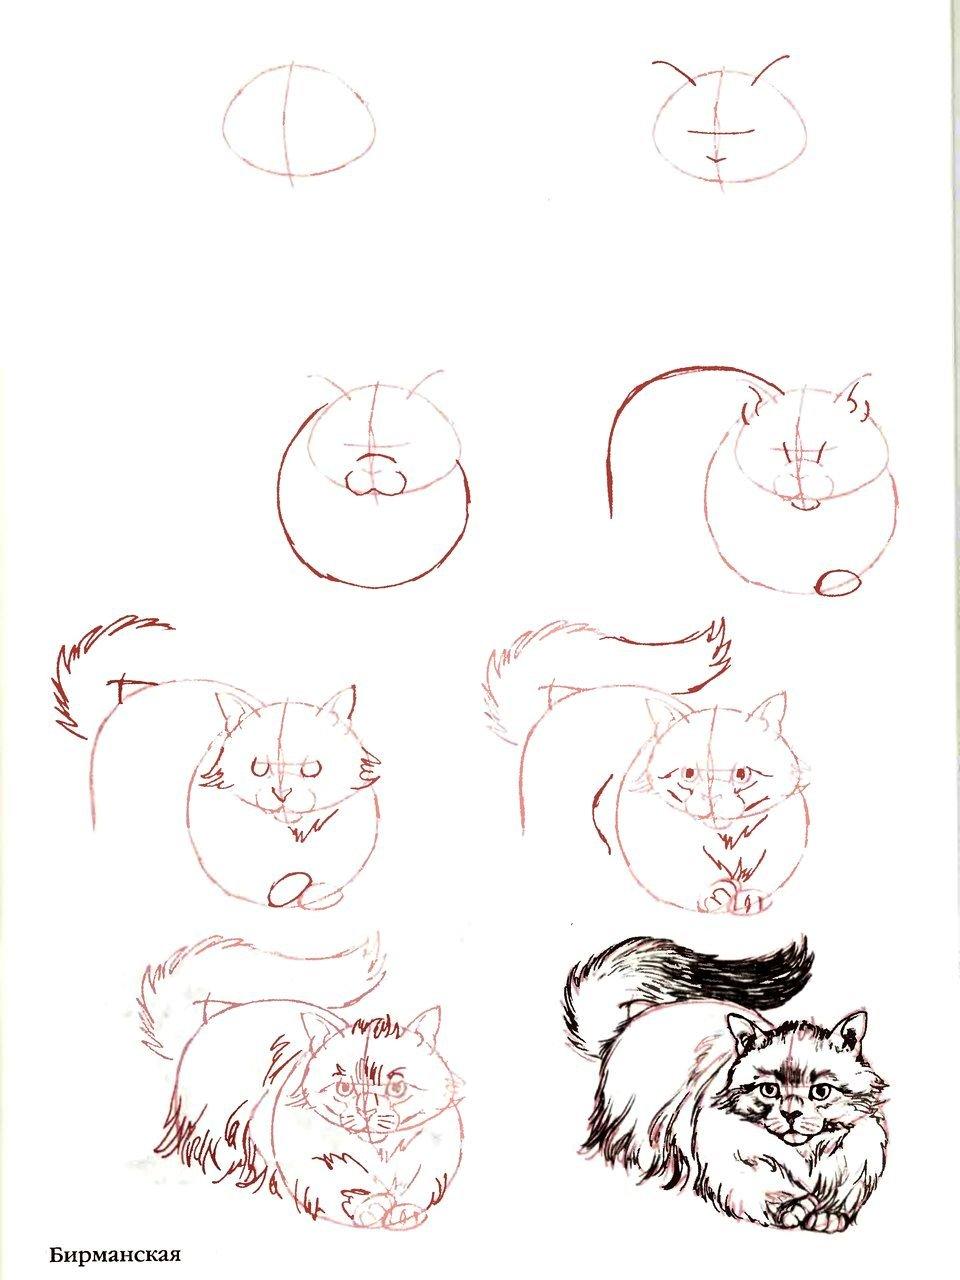 Что нарисовать на открытке кошку карандашом, девочками рисованные анимационные